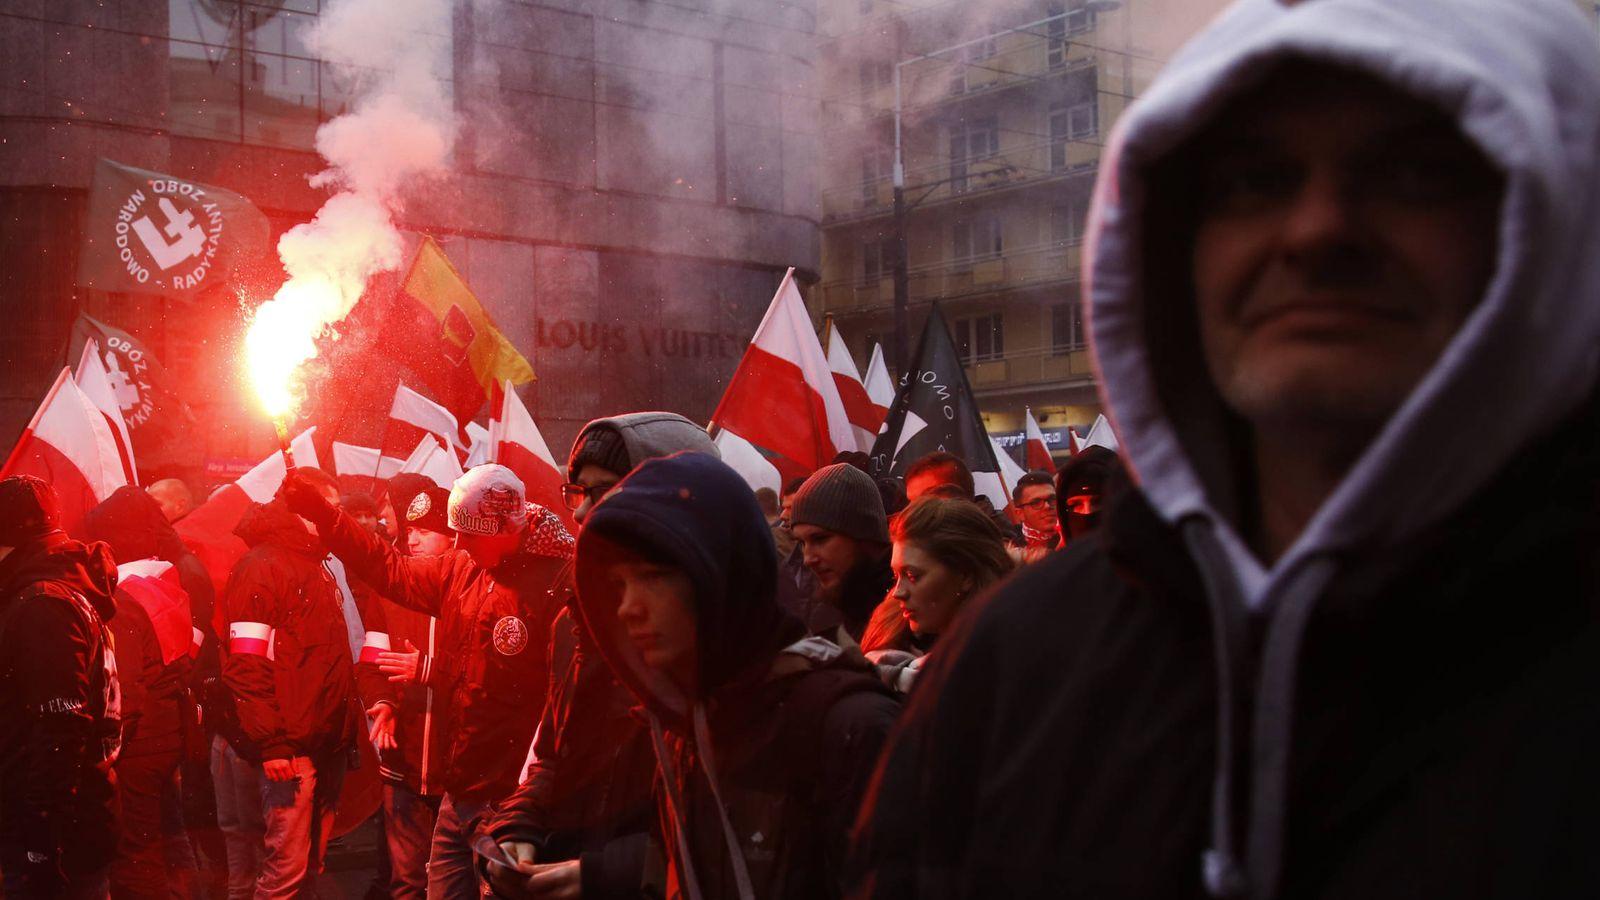 Foto: Manifestantes de grupos de ultraderecha durante una marcha para conmemorar la independencia de Polonia, en Varsovia. (Reuters)